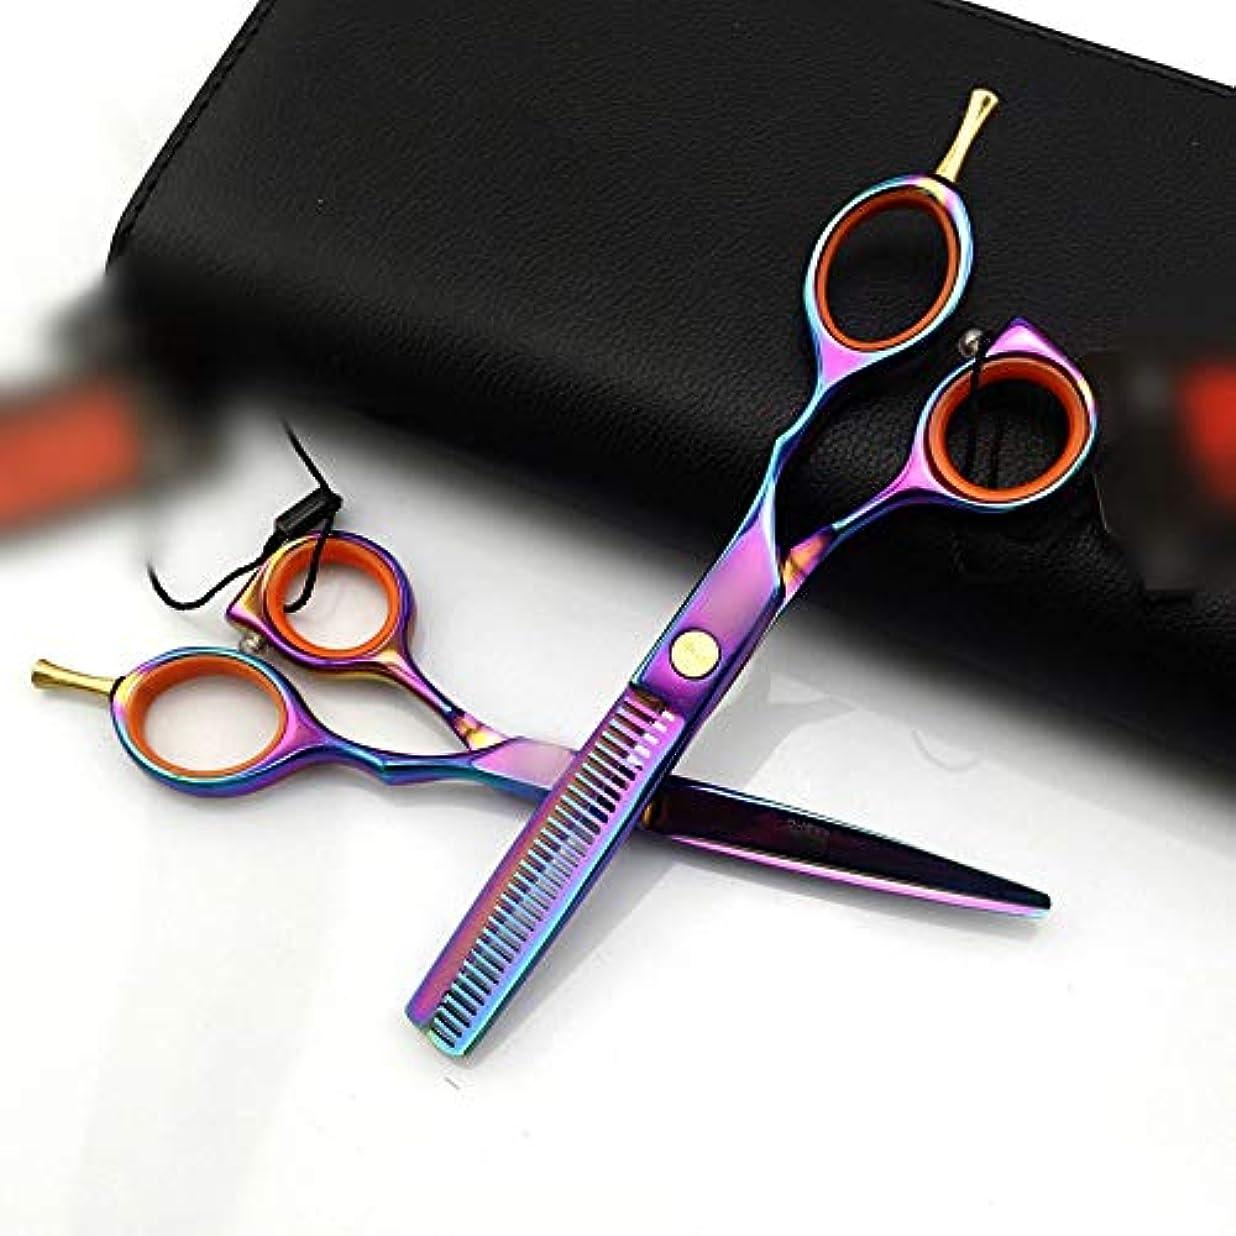 学生難民ウォルターカニンガム5.5インチの多彩な専門の理髪はさみセット、平らな+歯の理髪はさみセット ヘアケア (色 : Colors)